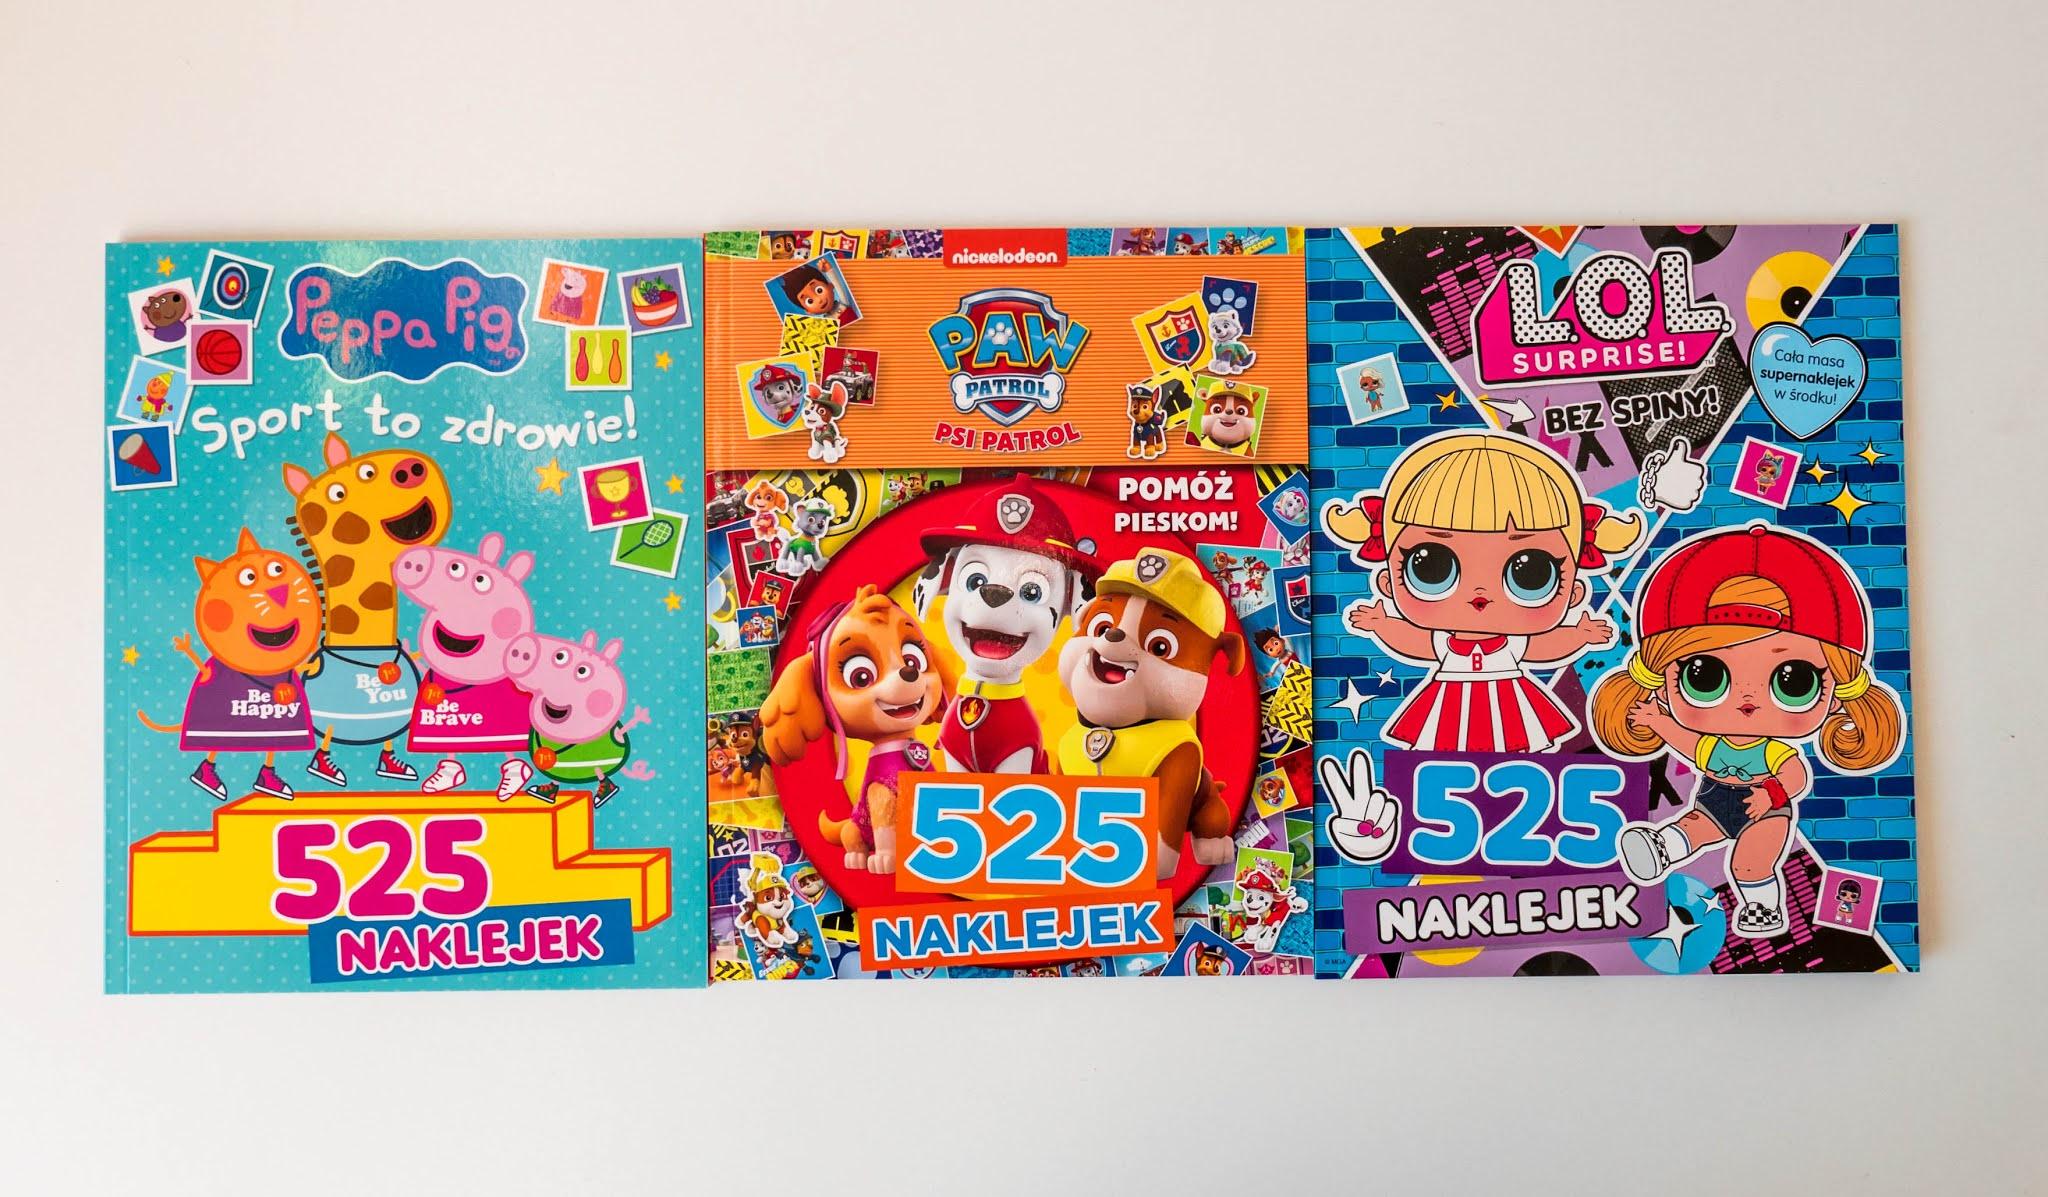 kolorowanki z naklejkami dla dzieci LOL Surprise